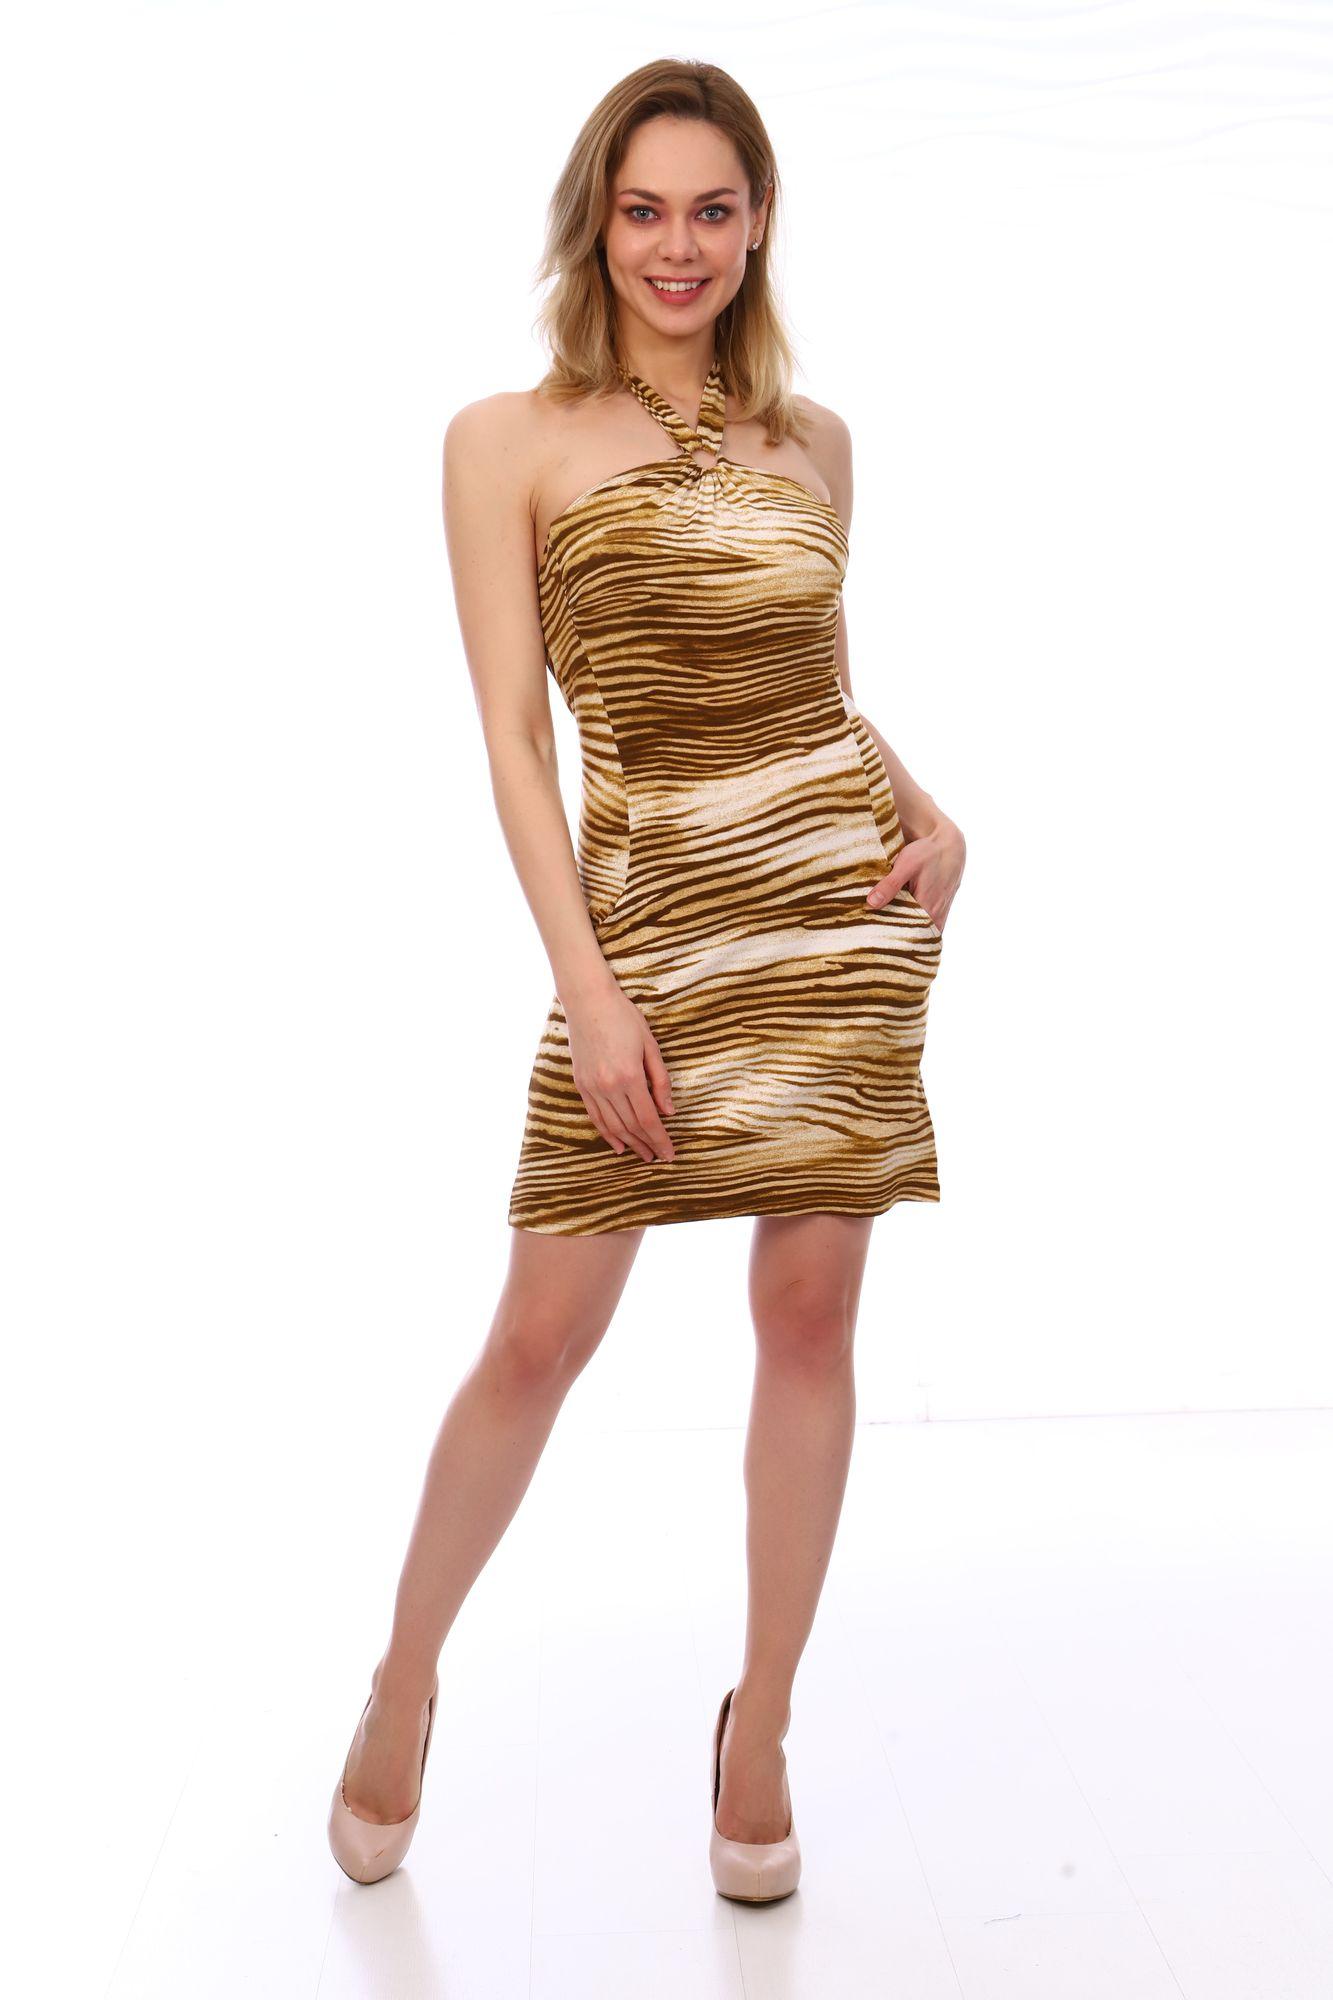 Платье женское, модель 1920007, трикотаж (Стиль, коричневый  )